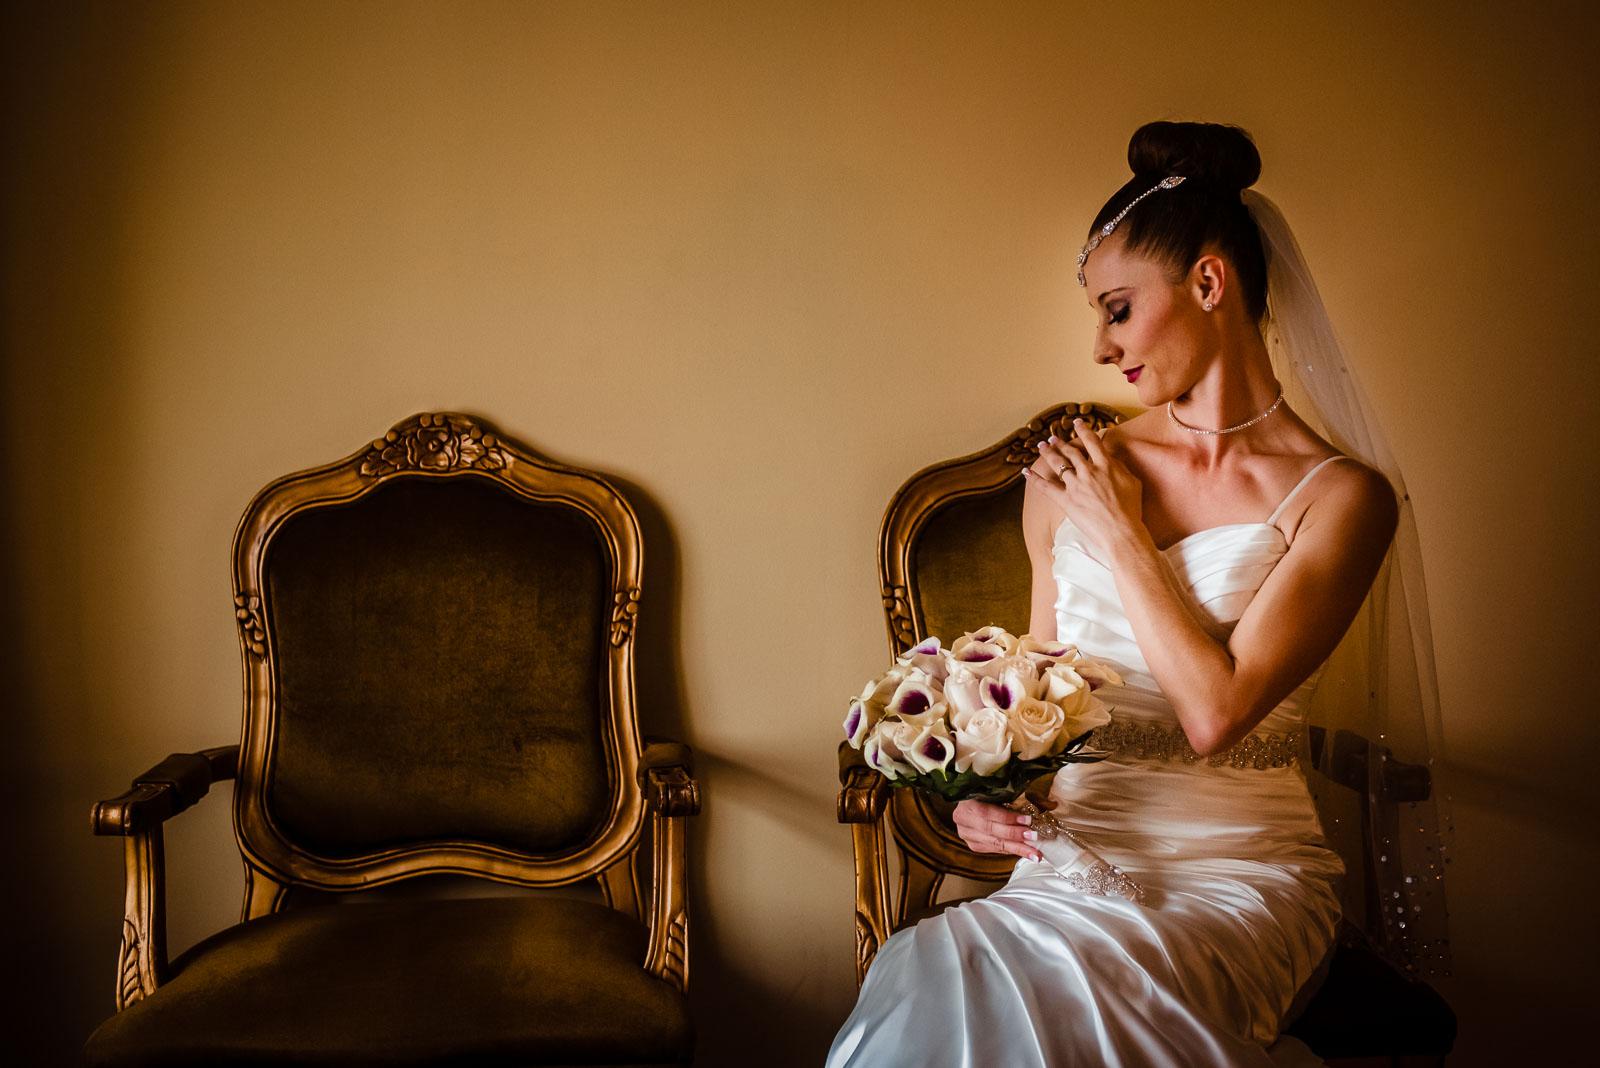 Bride's portrait on chair